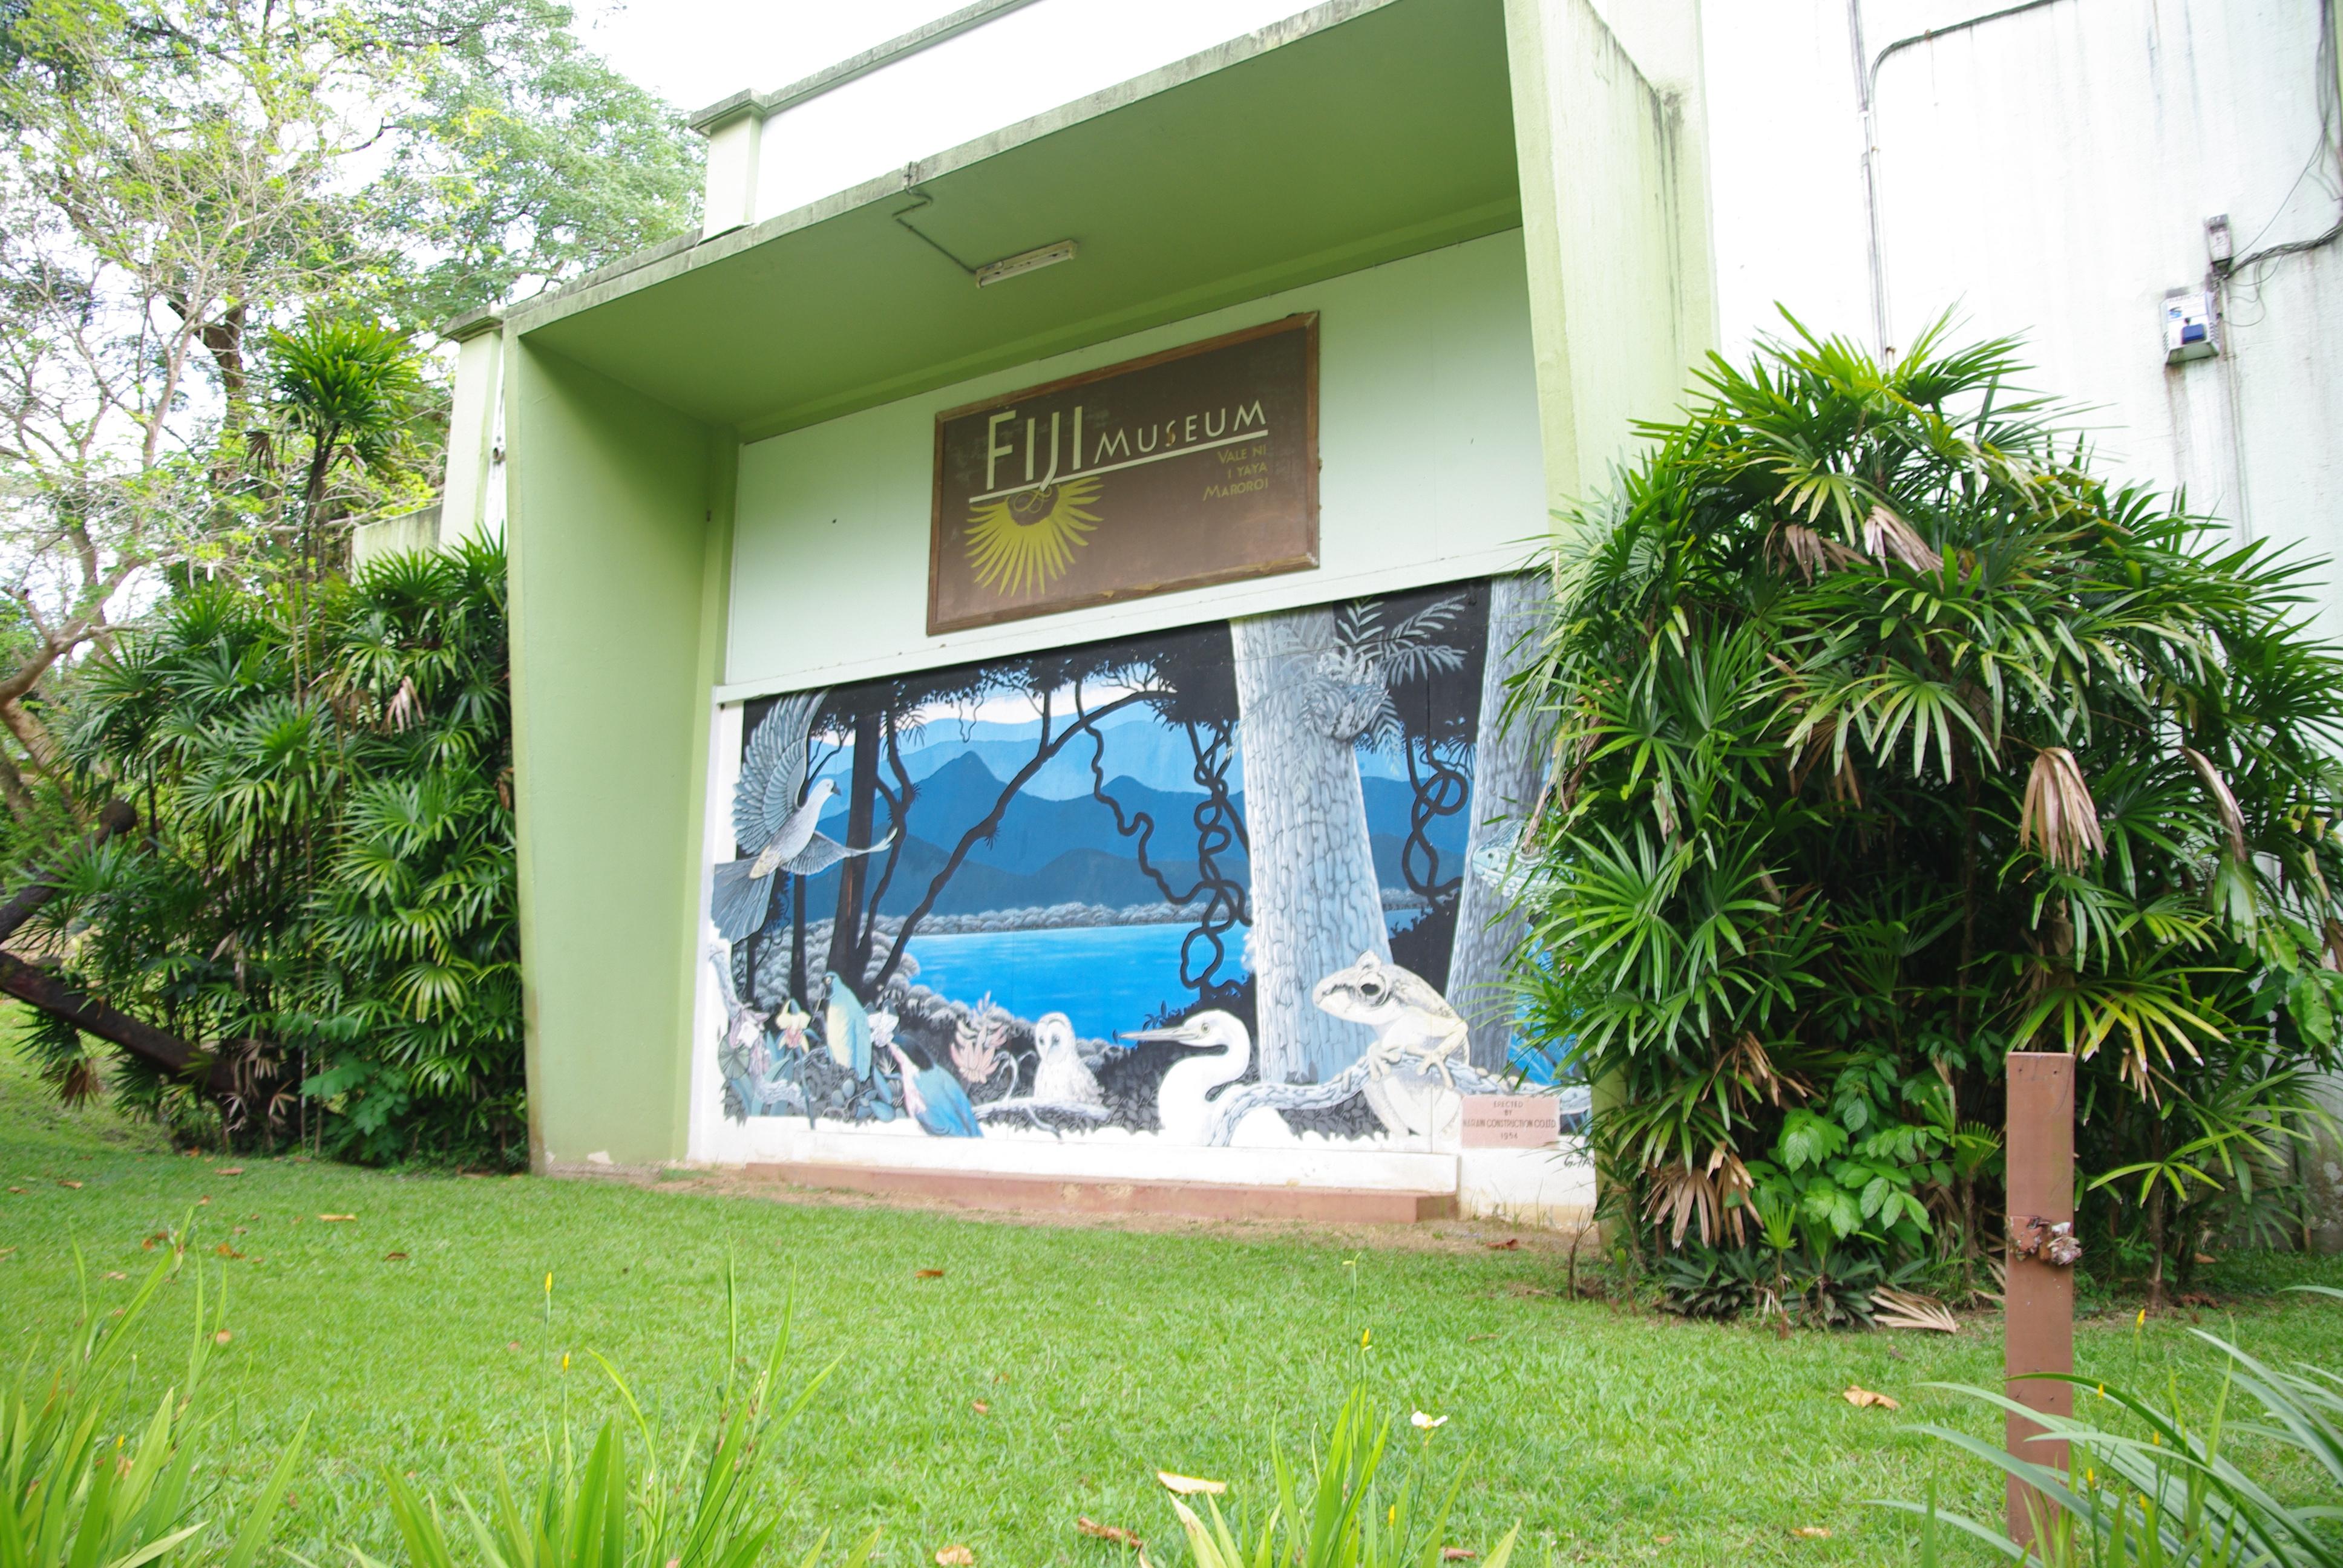 斐濟博物館  Fiji Museum   -2